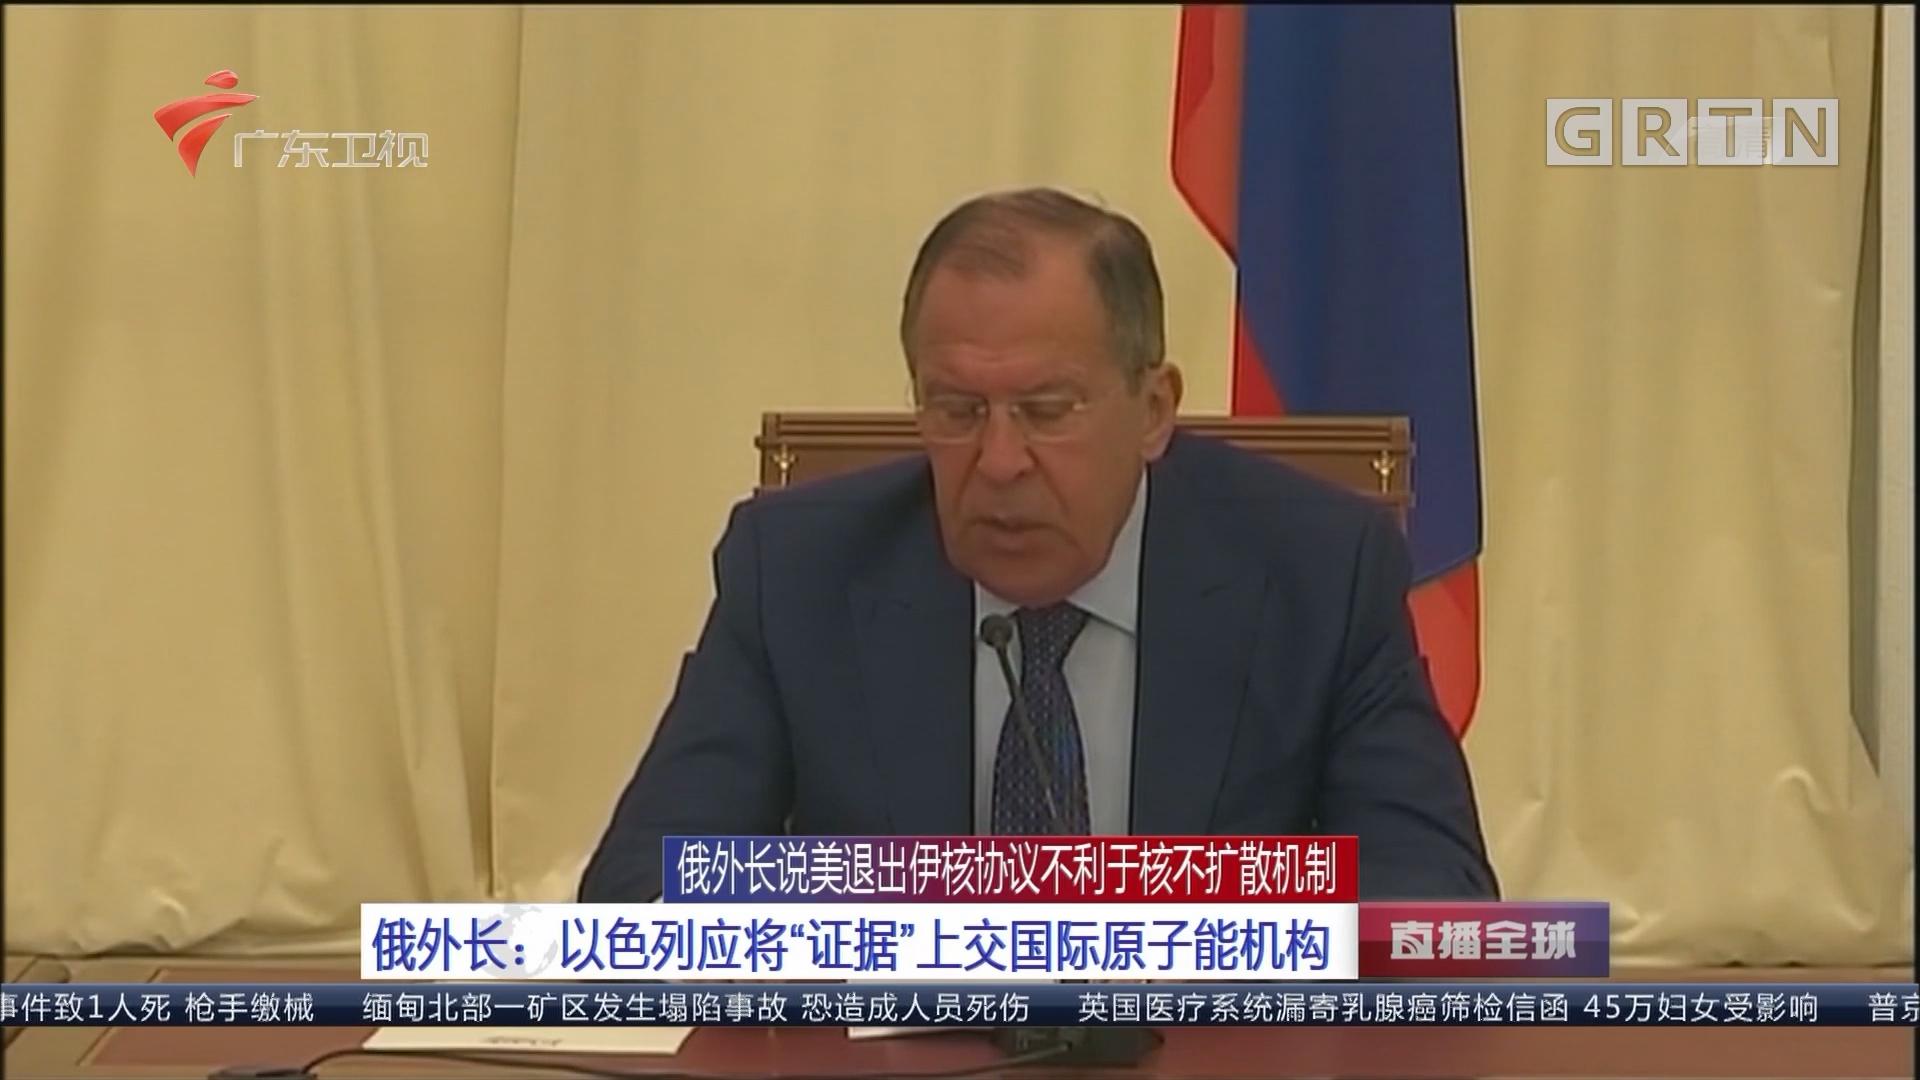 """俄外长说美退出伊核协议不利于核不扩散机制 俄外长:以色列应将""""证据""""上交国际原子能机构"""